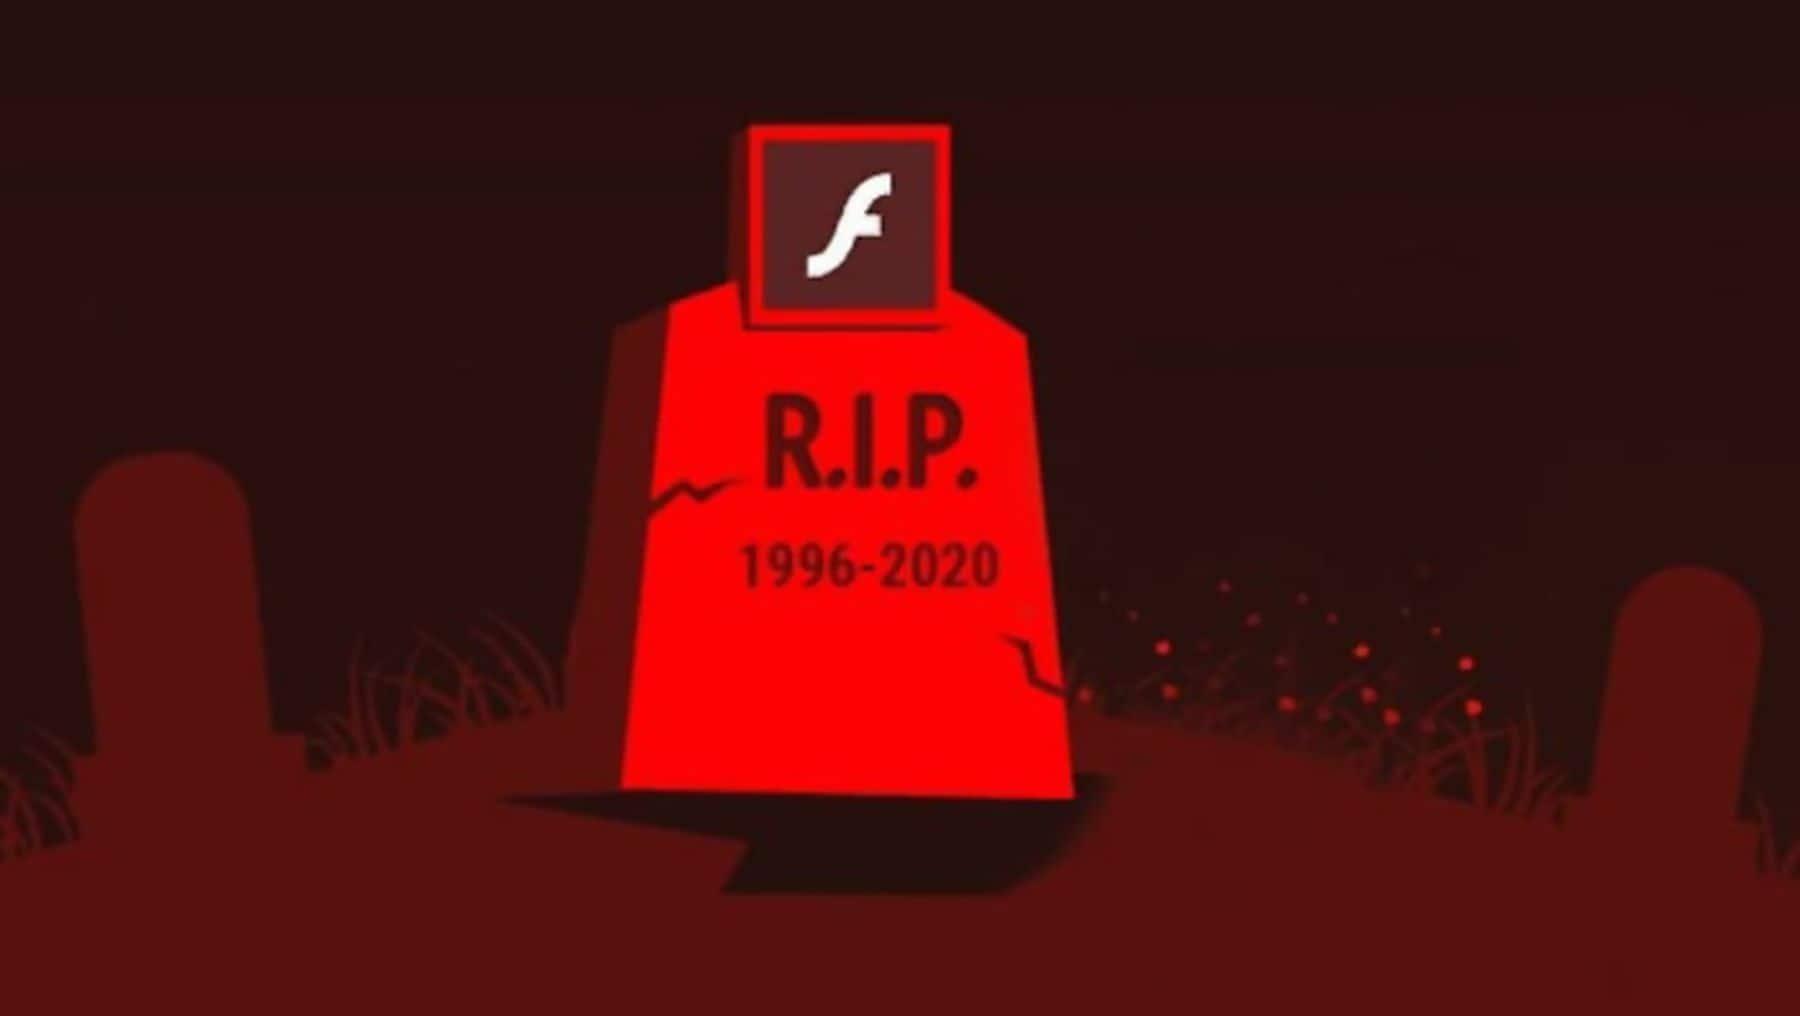 Wie man den Adobe Flash Player los wird | Nerd-Kram | Was is hier eigentlich los?